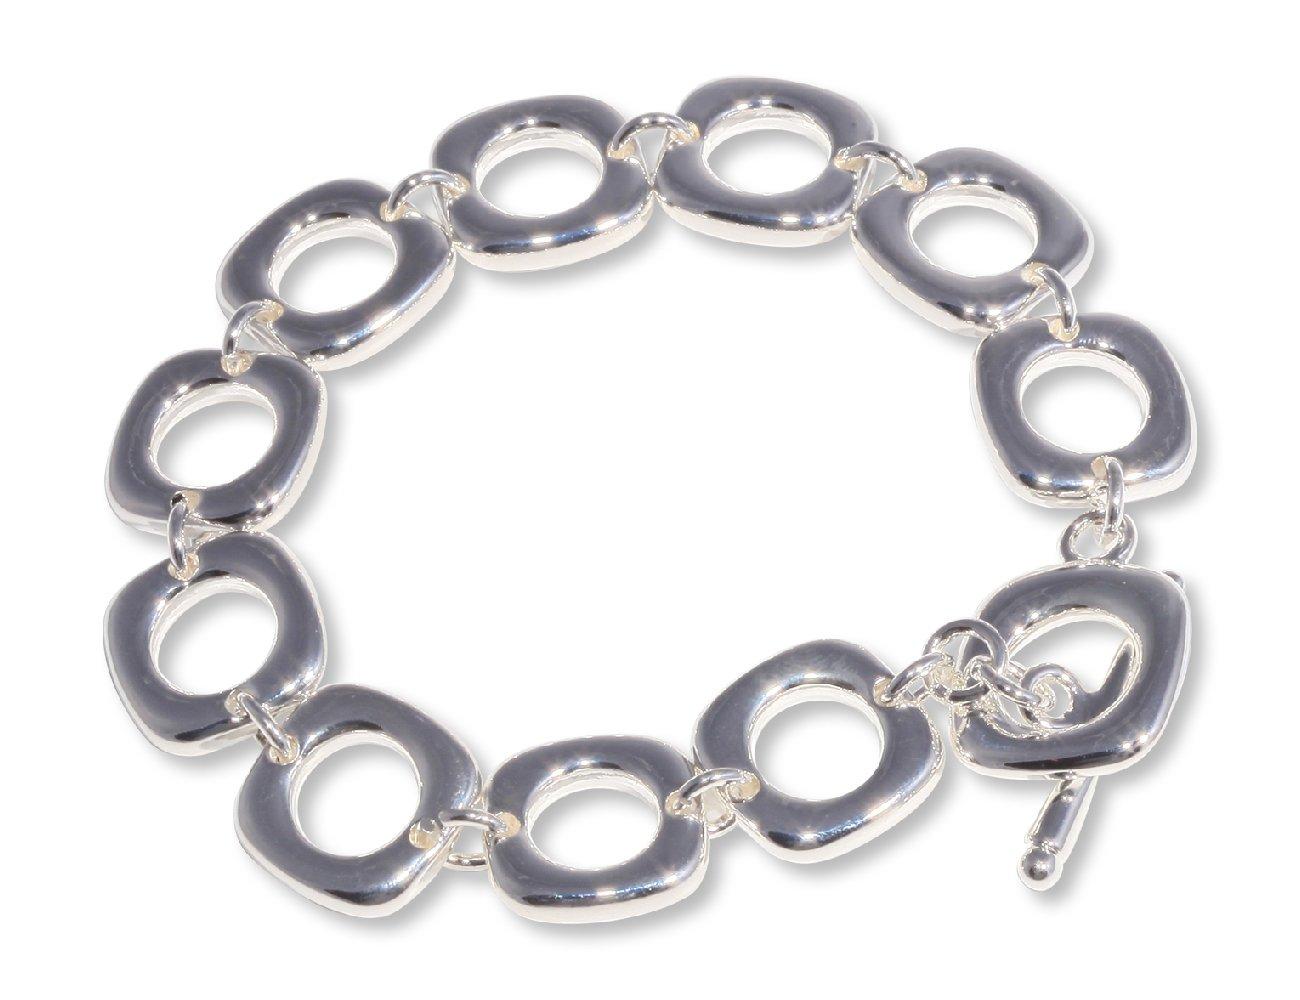 Argent 925//1000 D106 Enez Bracelet Femme